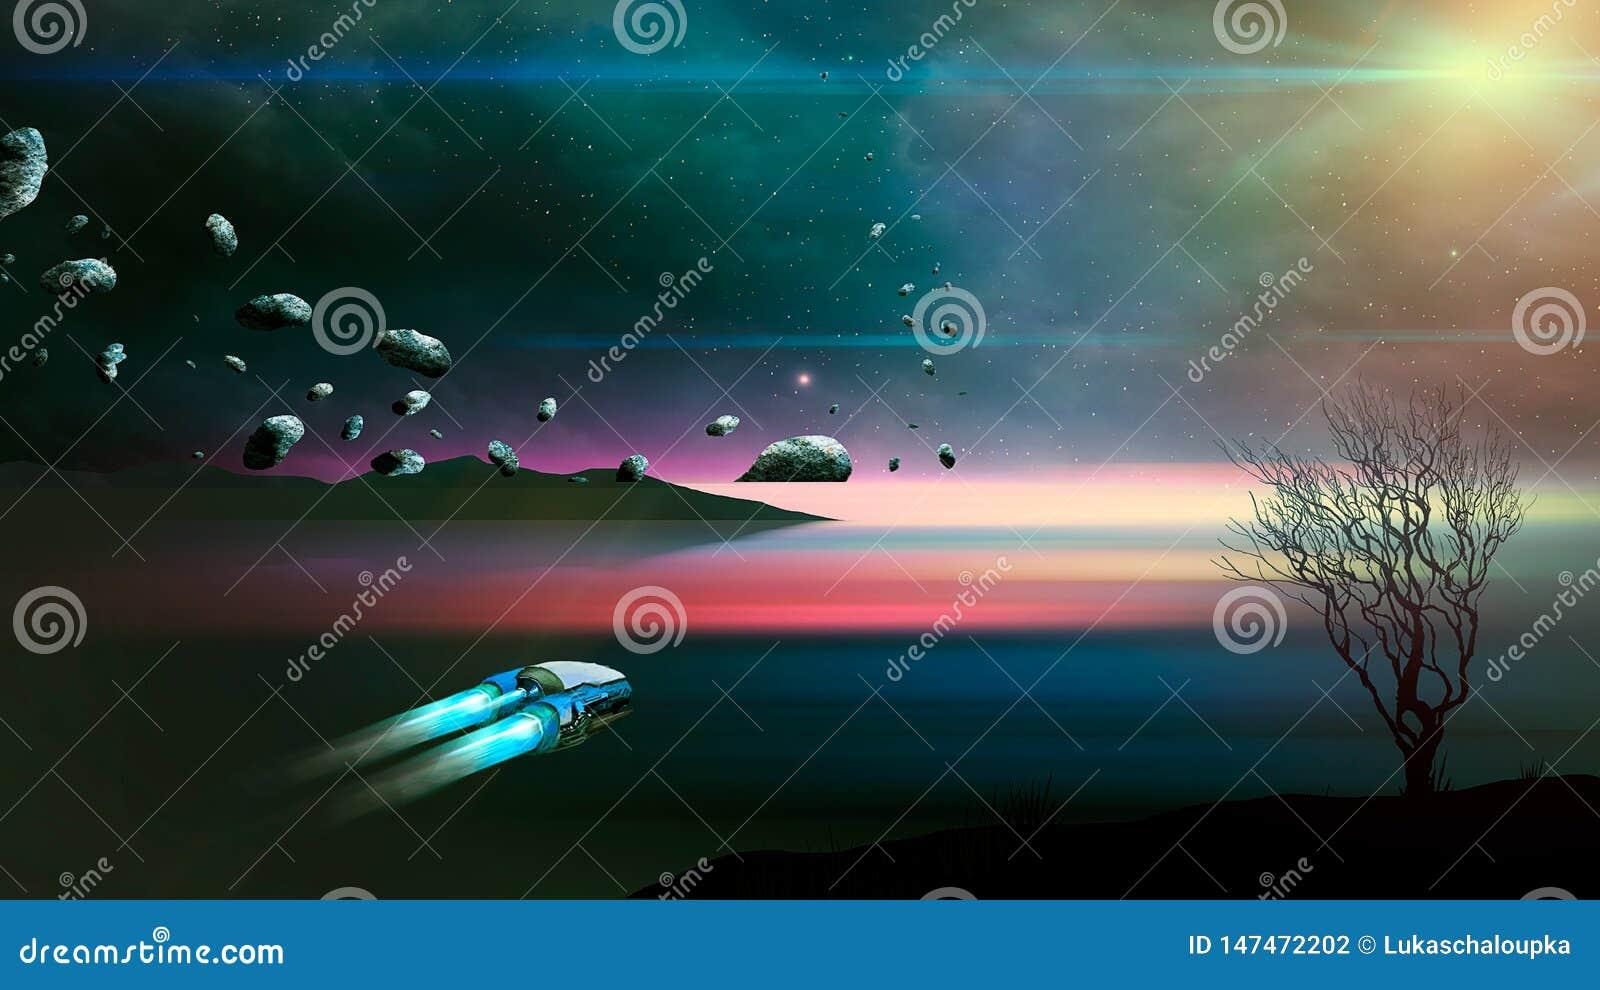 Statek kosmiczny komarnica w fantastyka naukowa krajobrazie z asteroidą, drzewo blured wodę i mgławicę abstrakcjonistycznego t?a